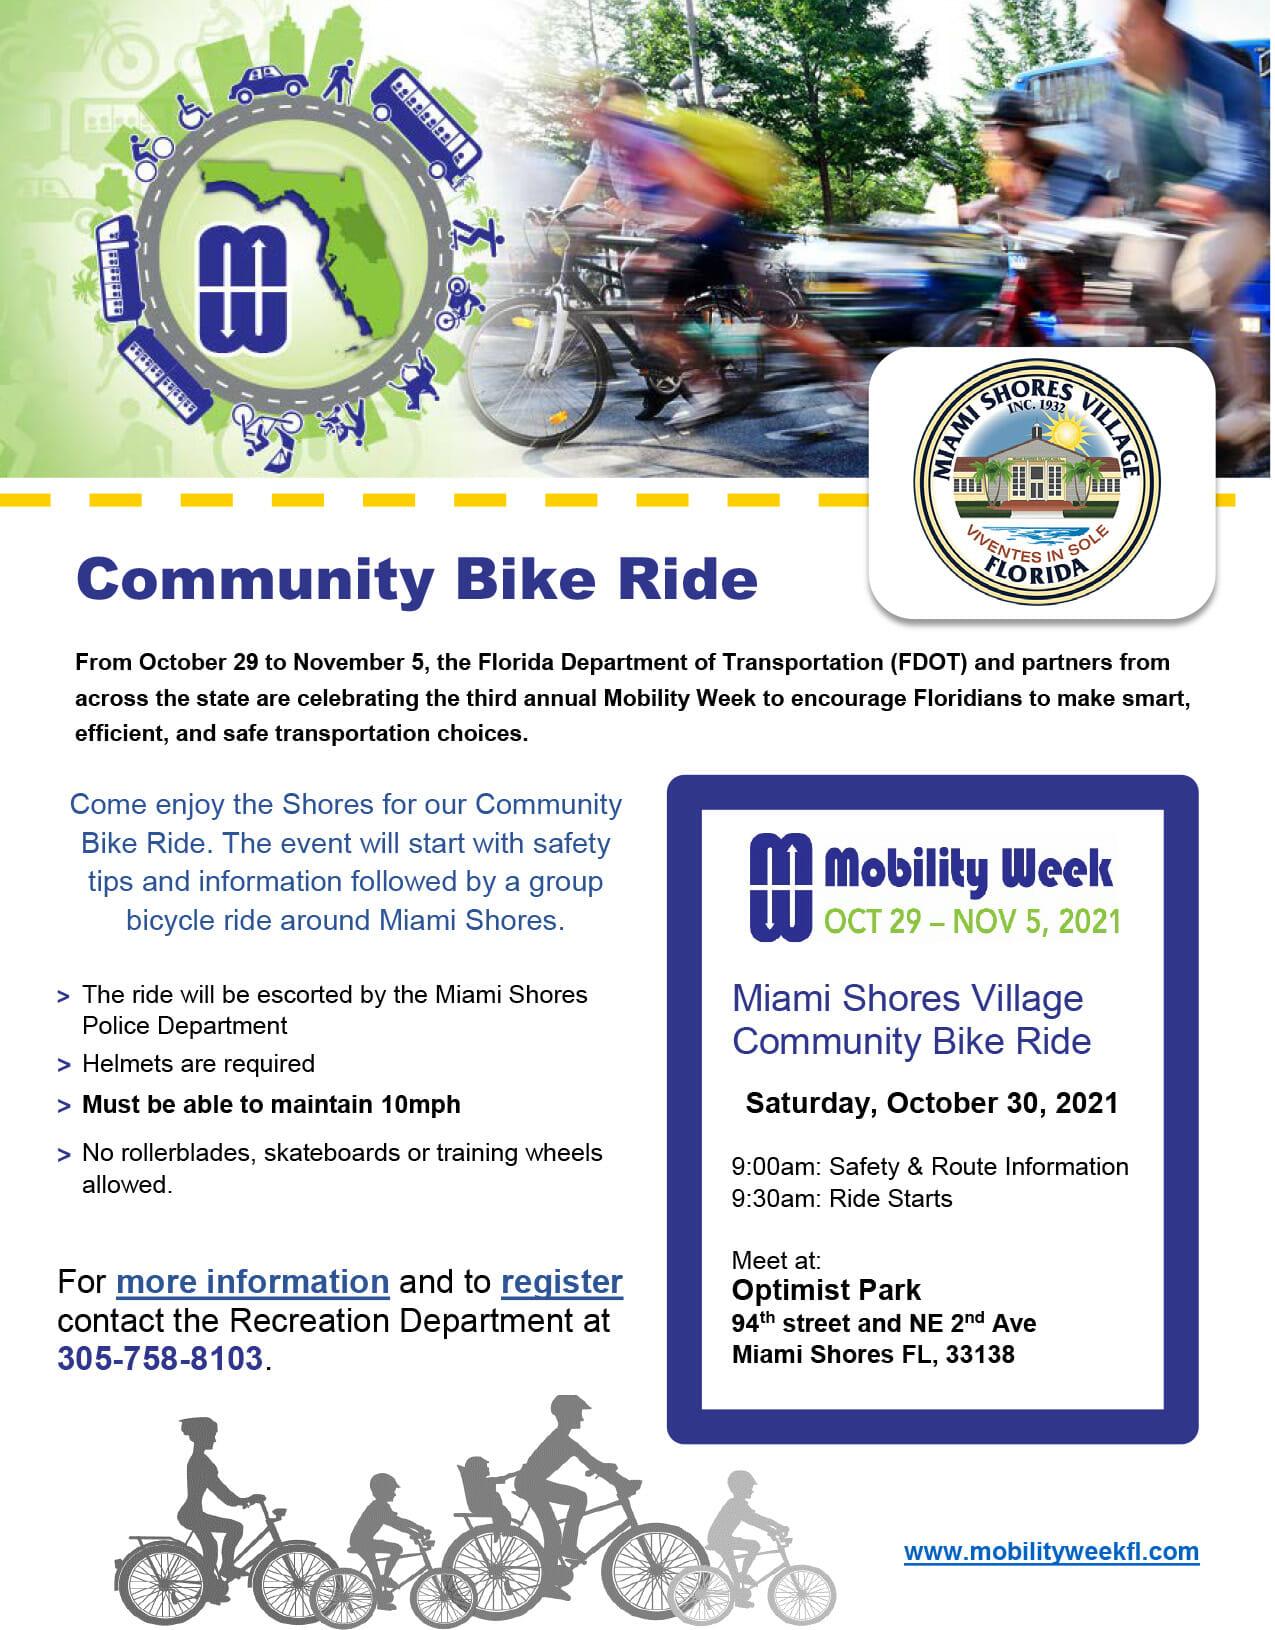 Community Bike ride - Mobility week 2021